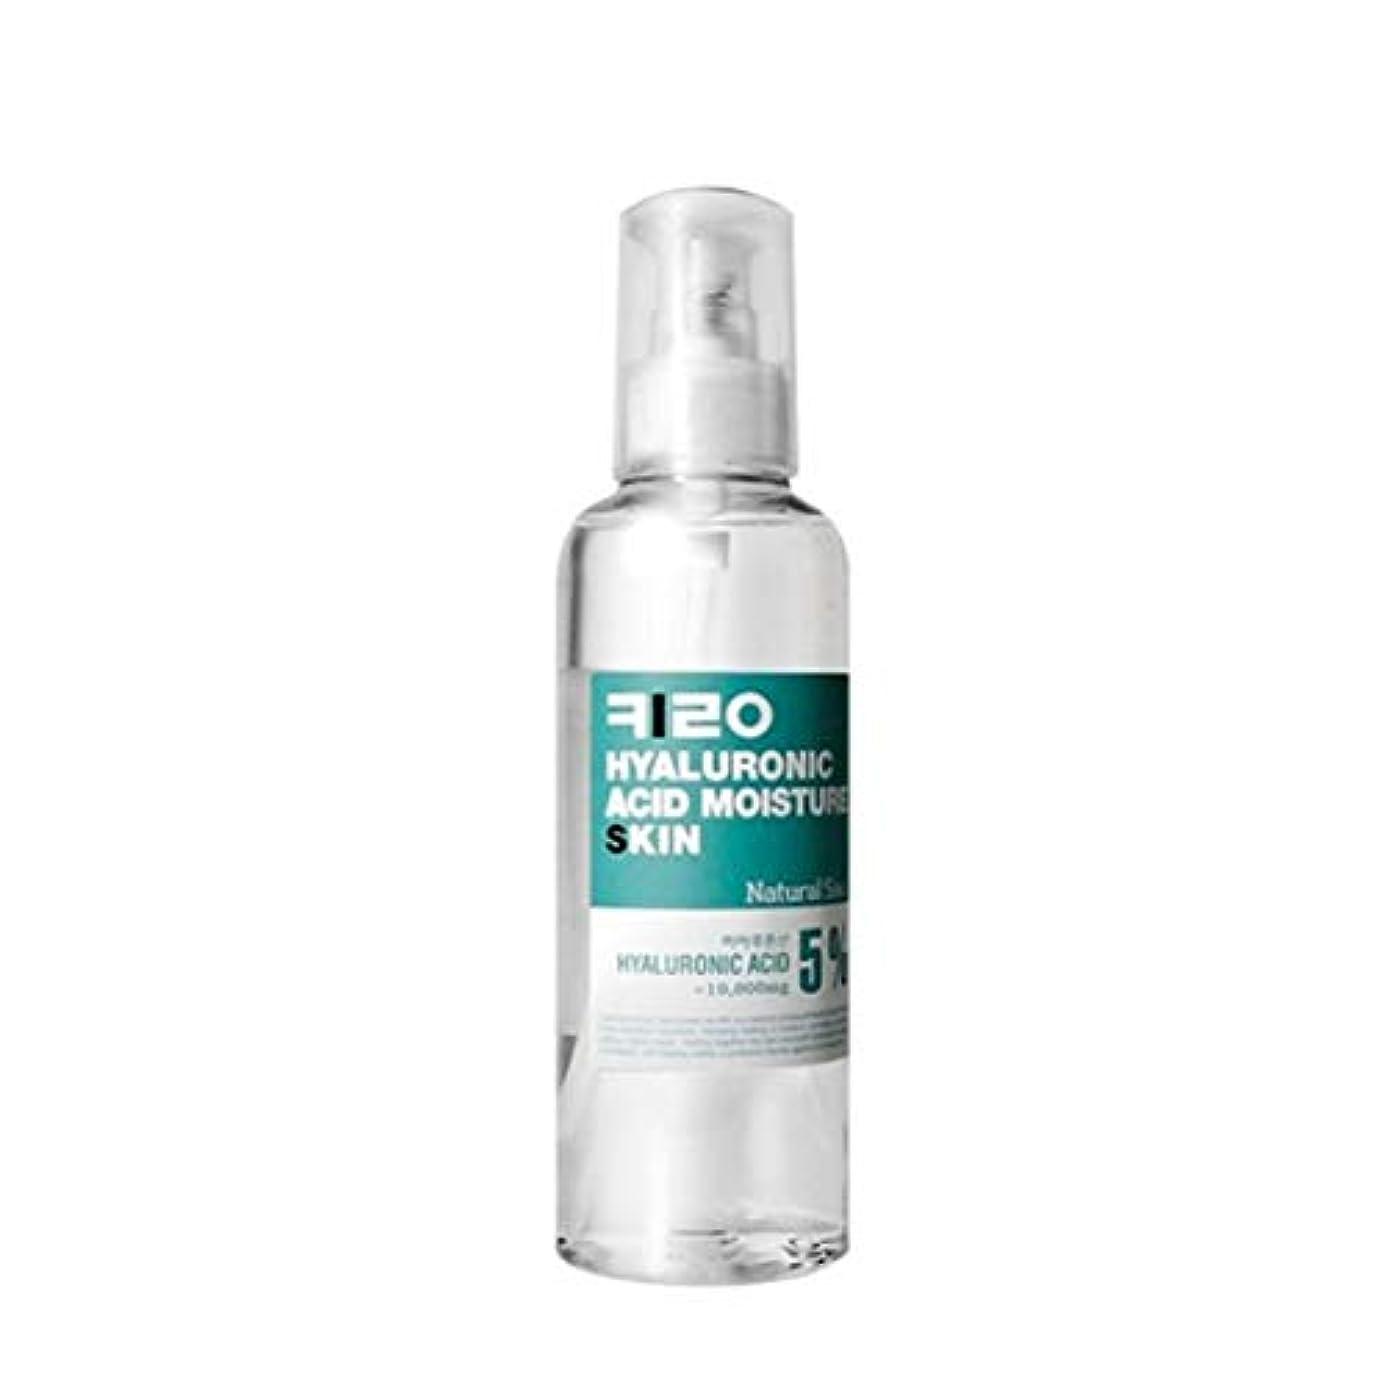 不快な挨拶不信ナチュラルSooキーロヒアルロン酸モイスチャースキン200g韓国コスメ、Natural Soo Hyaluronic Acid Moisture Skin 200g Korean Cosmetics [並行輸入品]